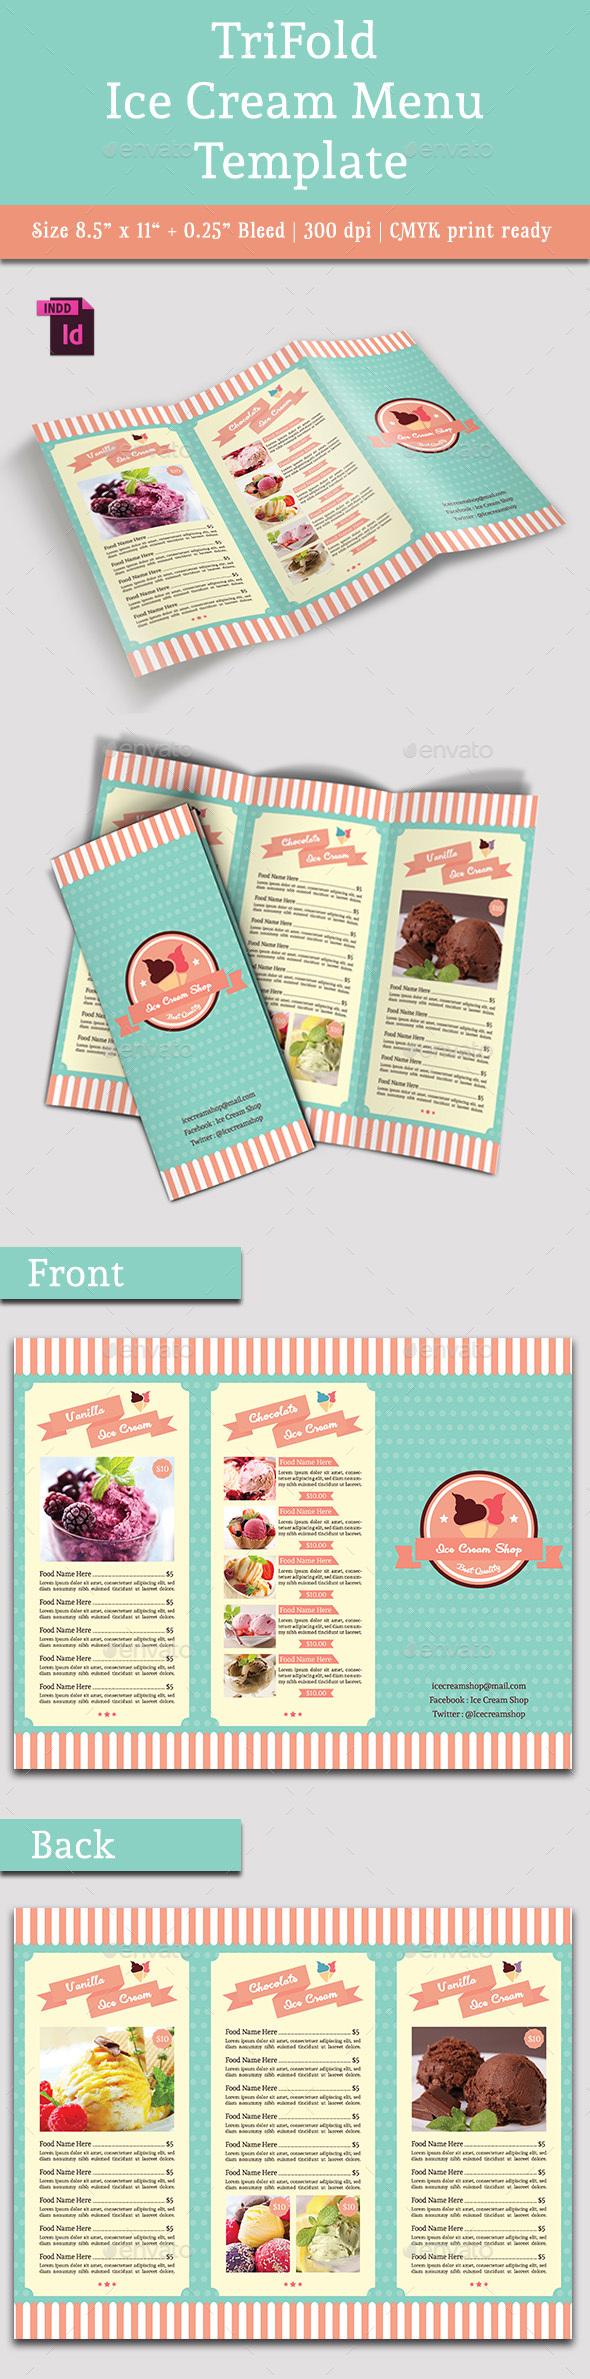 TriFold Ice Cream Menu Template Vol 2